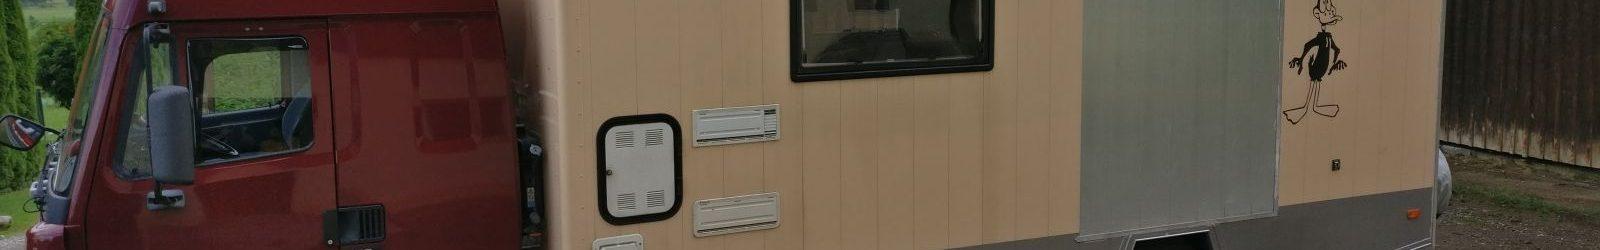 DAF 45 Wohnmobil 7,49to zu verkaufen – erledigt!